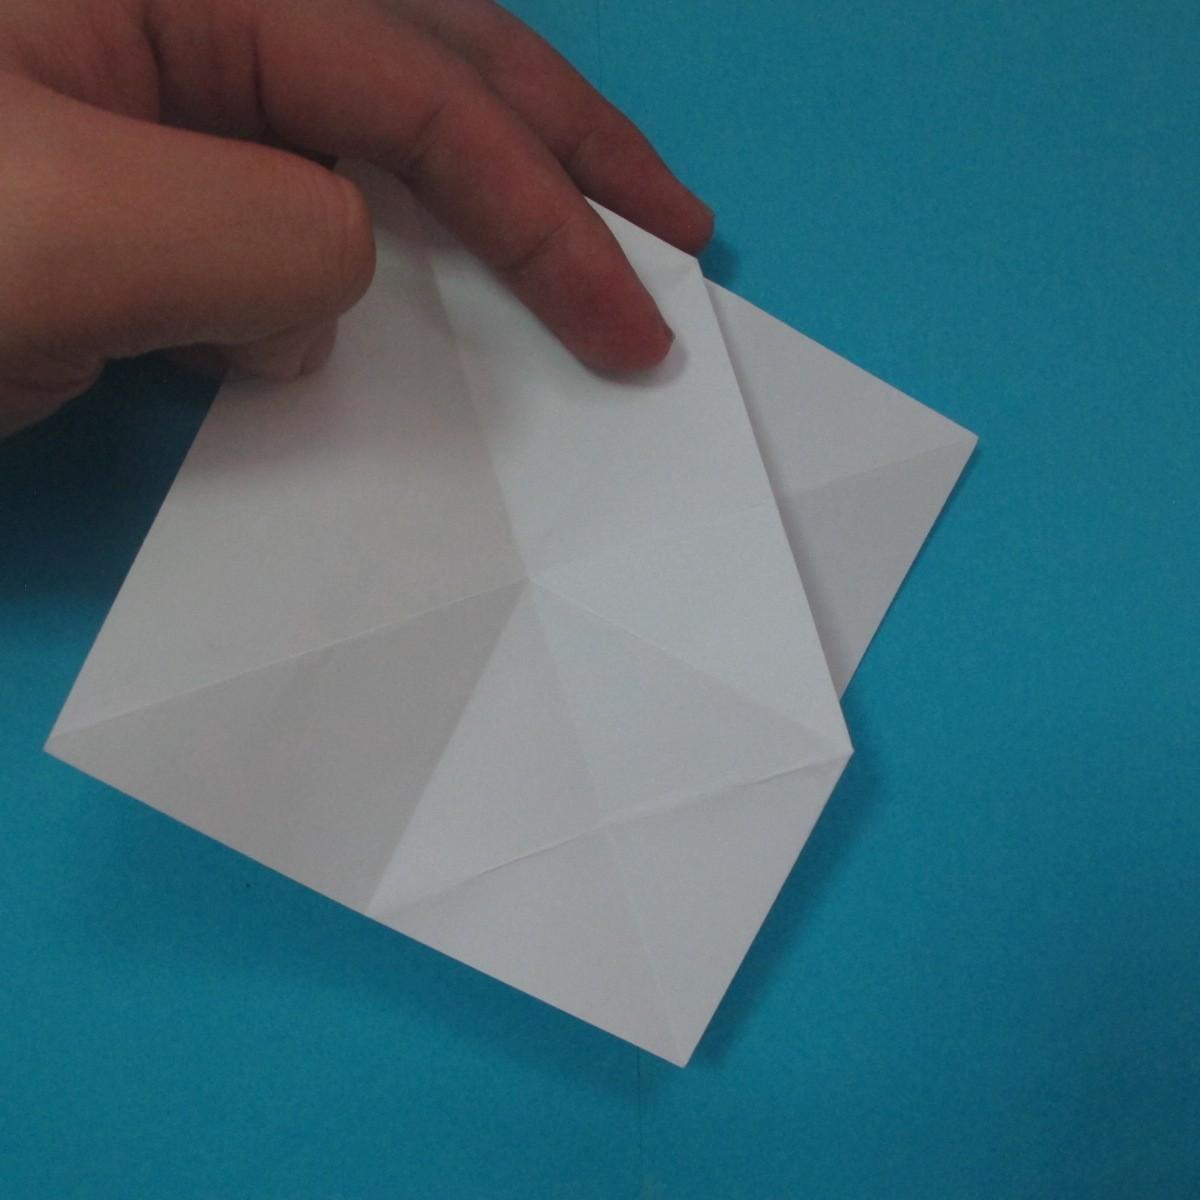 วิธีการพับกระดาษเป็นนกเพนกวิ้น 019